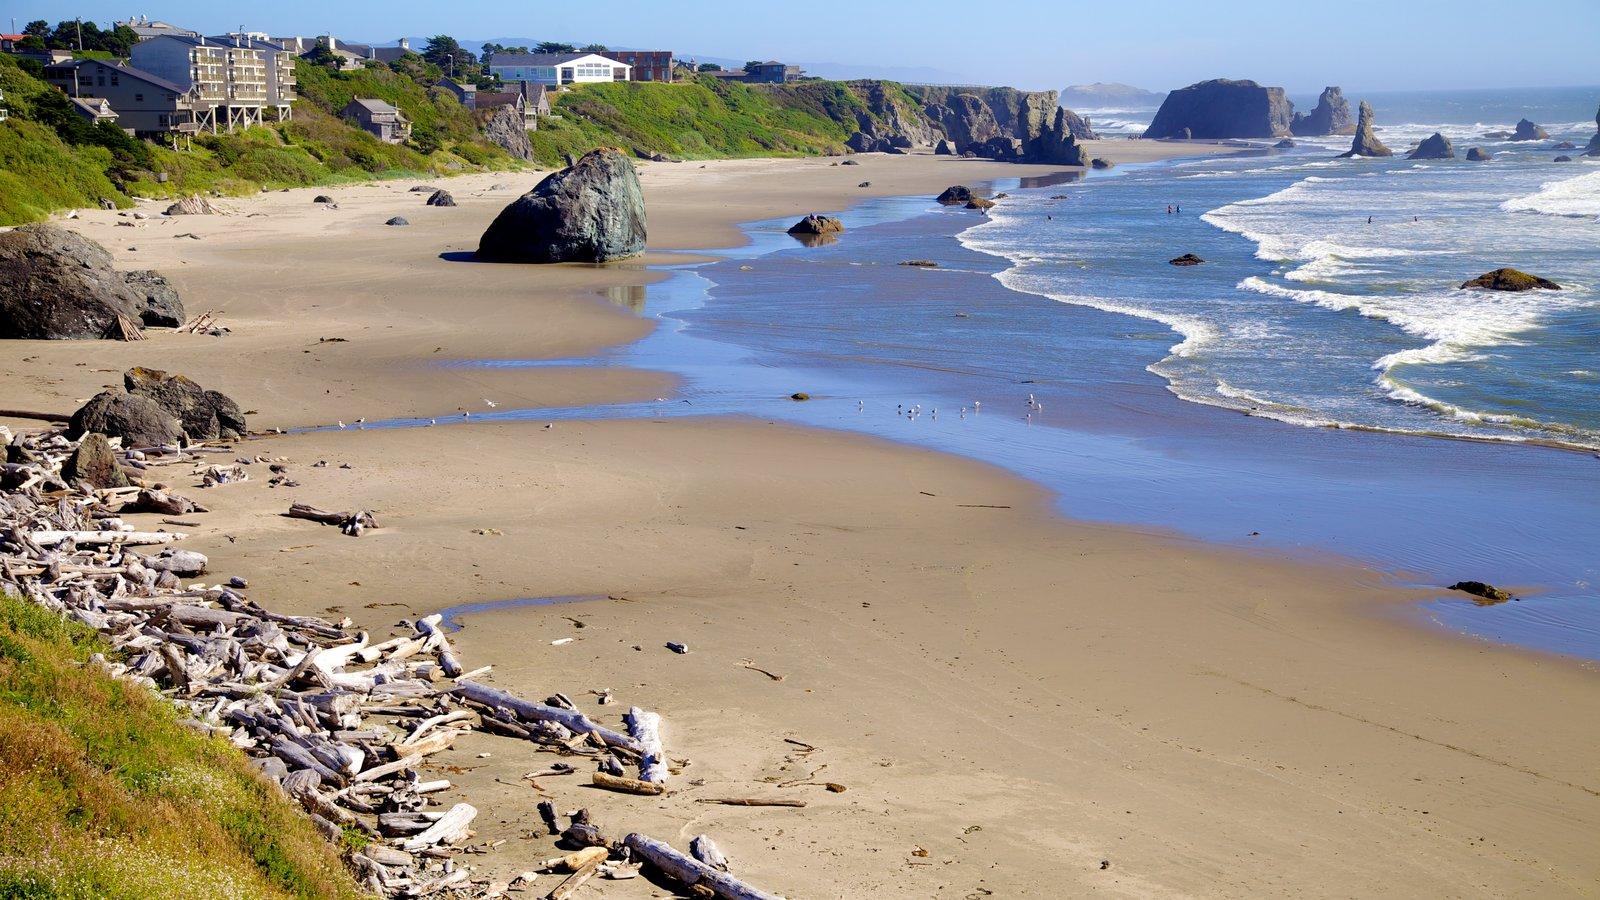 Bandon Beach featuring a sandy beach